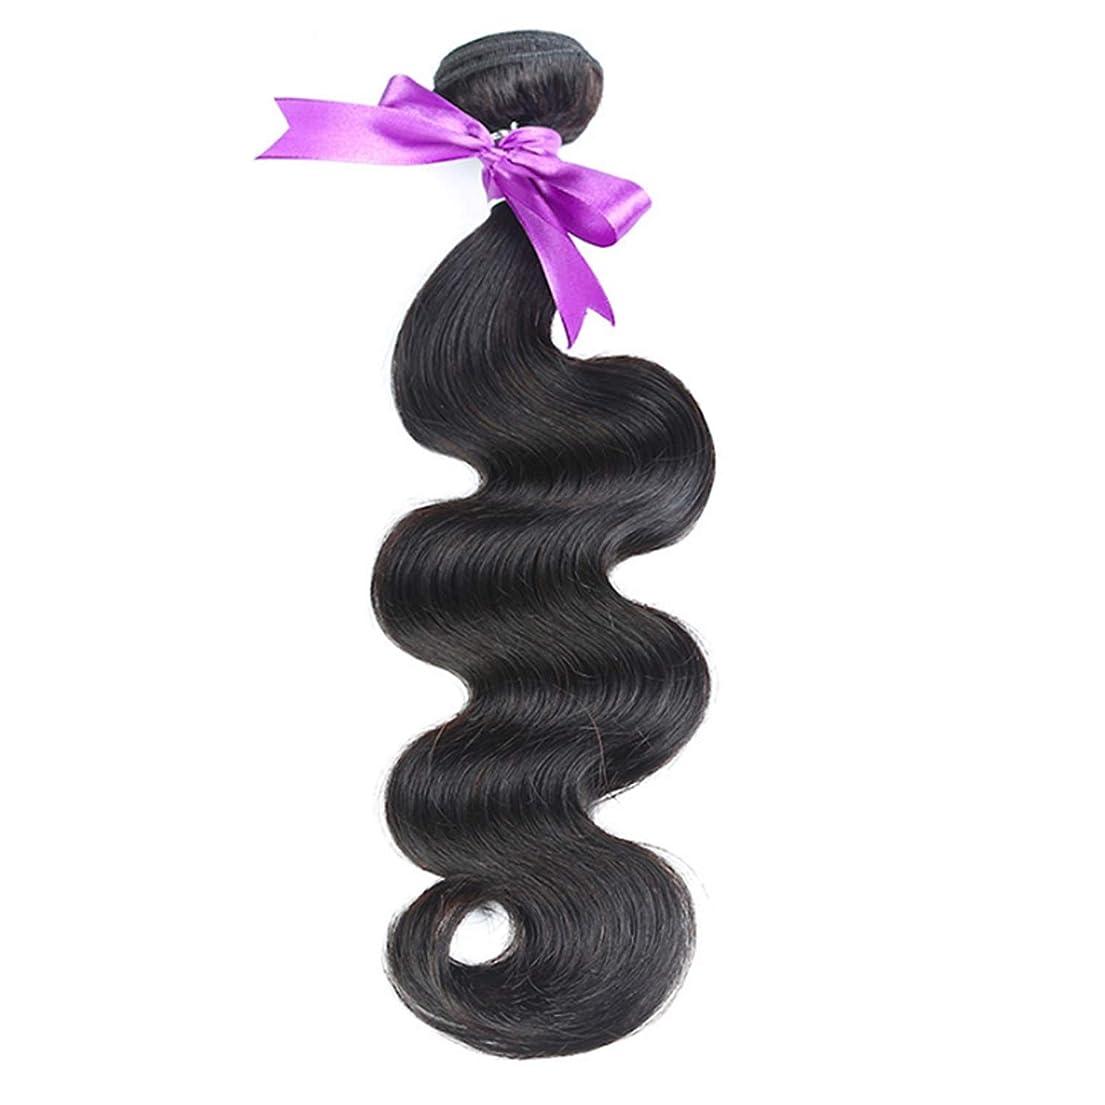 然とした非武装化虹マレーシアの体毛バンドル8-28インチ100%人毛織りのremy髪ナチュラルカラー1ピース (Stretched Length : 12inches)